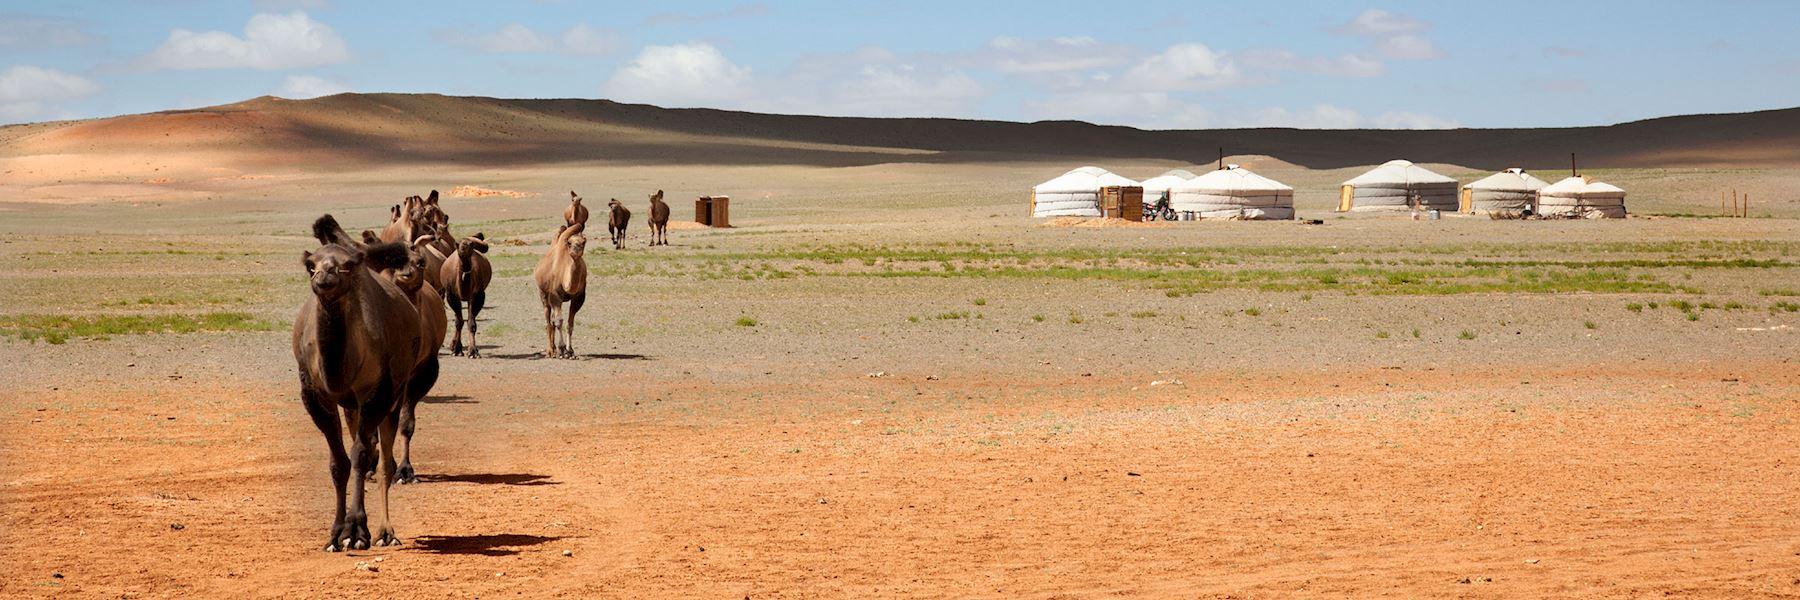 Visit the Gobi Desert, Mongolia